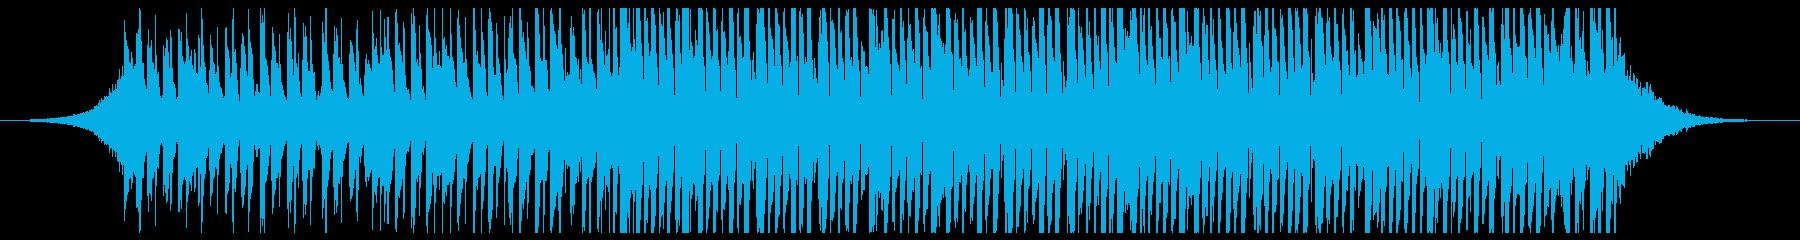 高揚ポップの再生済みの波形